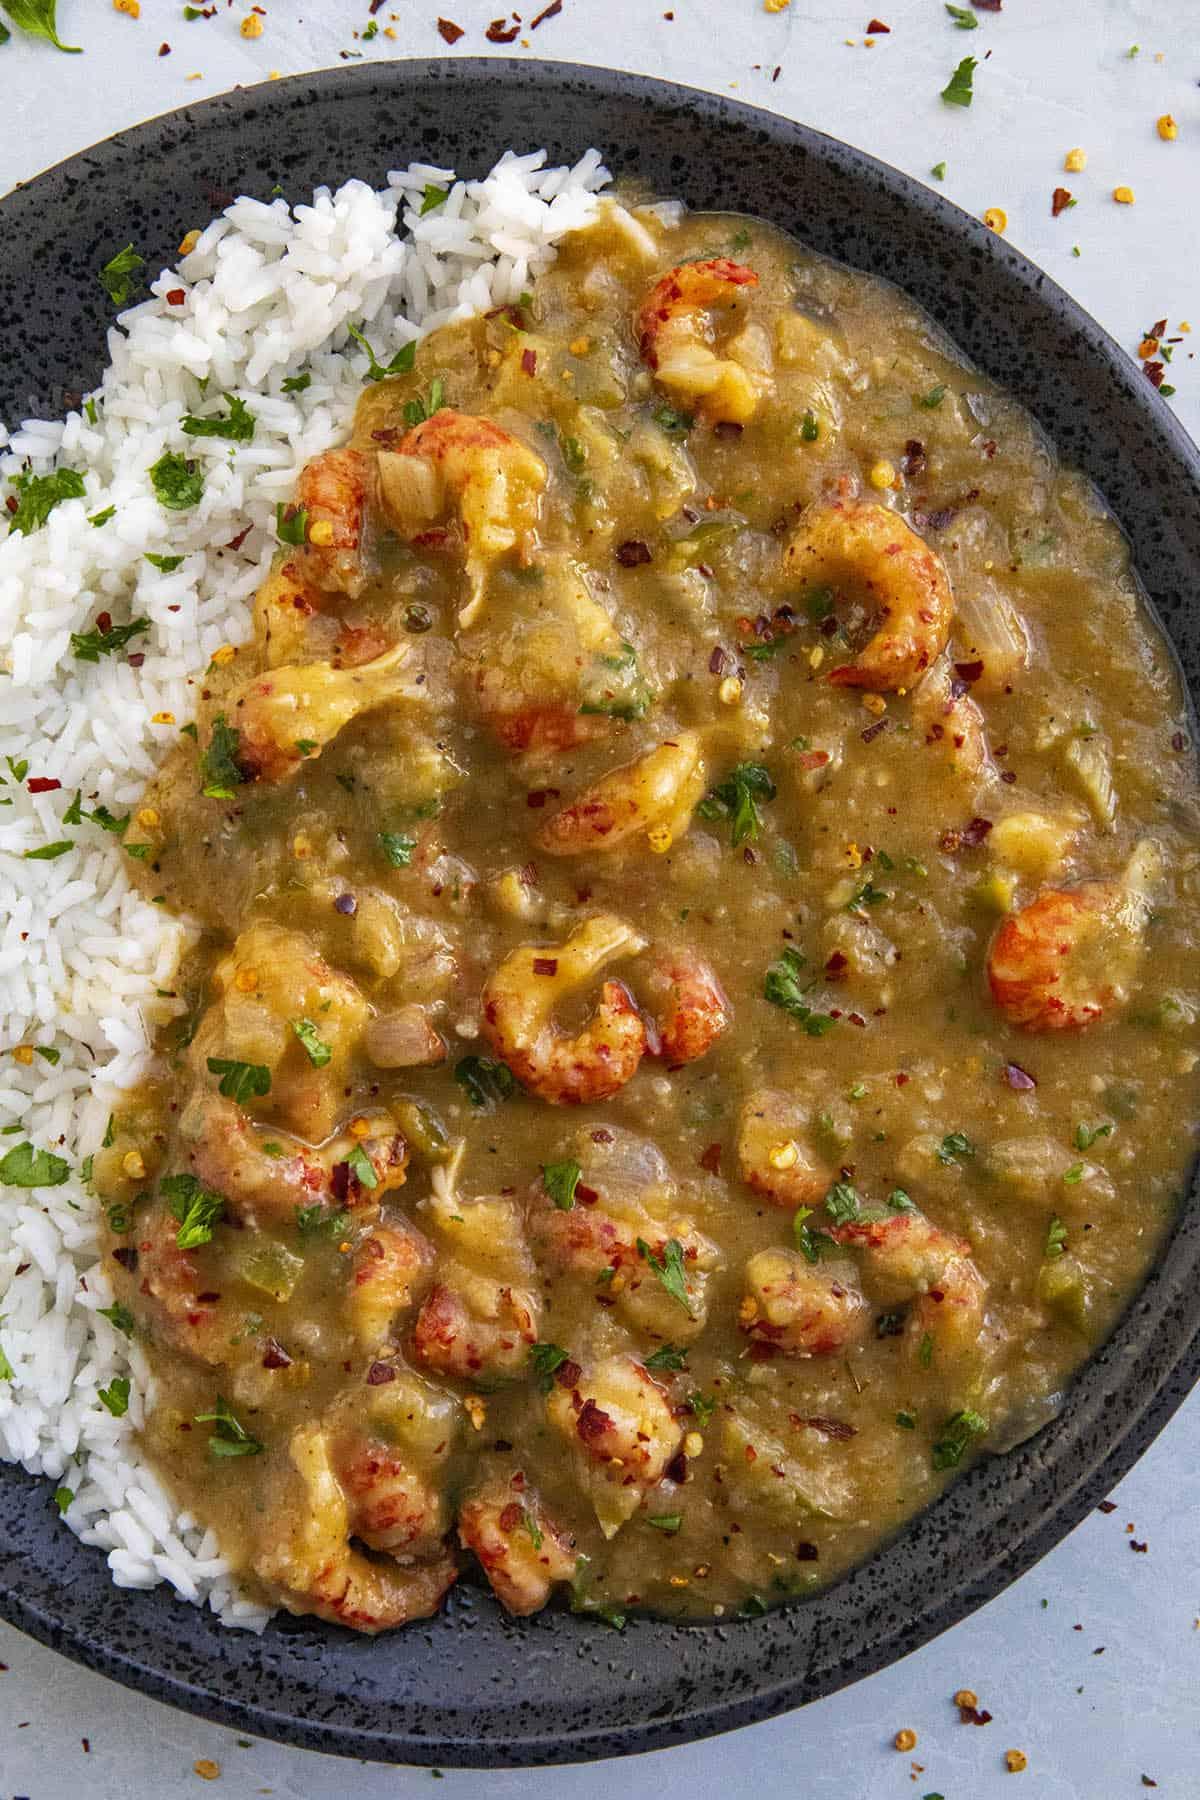 Crawfish Etouffee on a plate